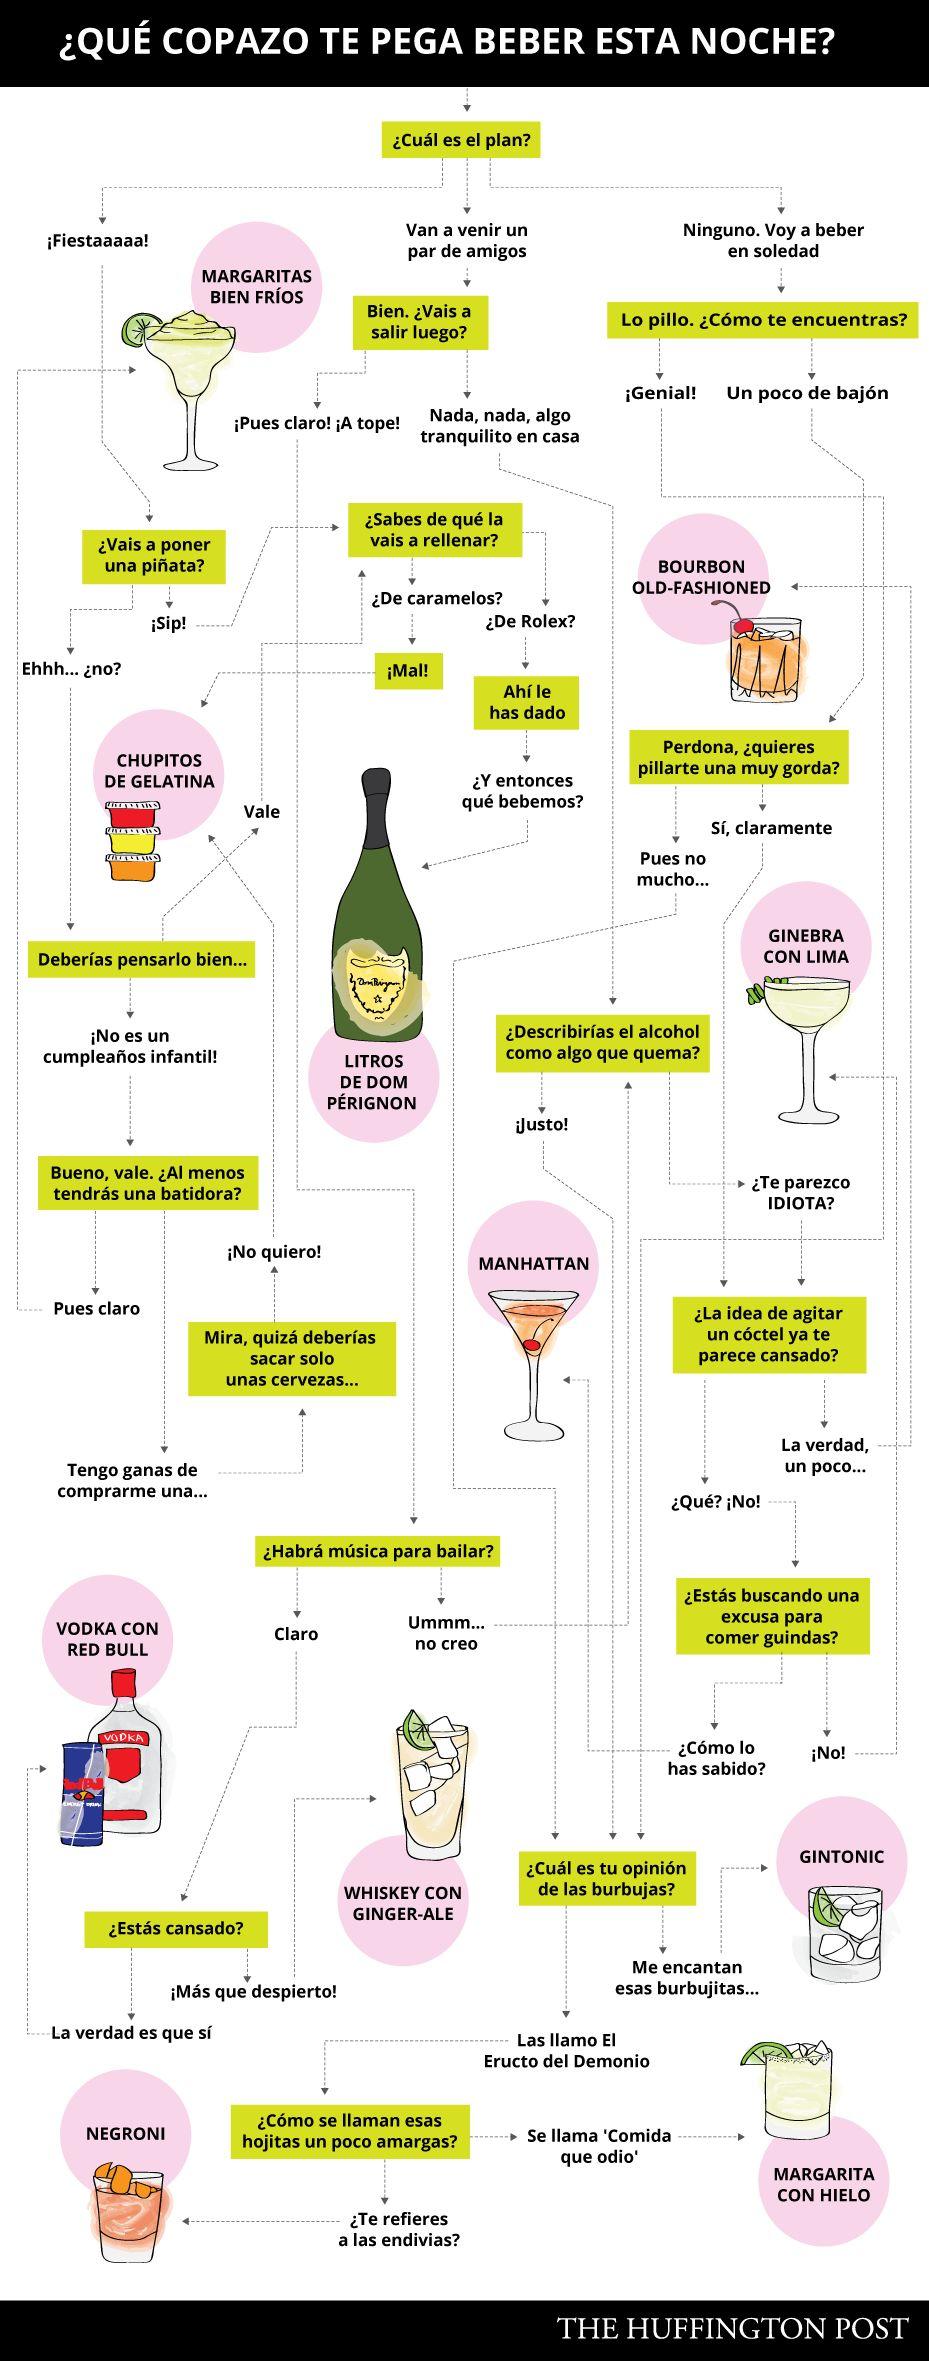 Esta infografía te dice exactamente qué cóctel tienes que beber esta